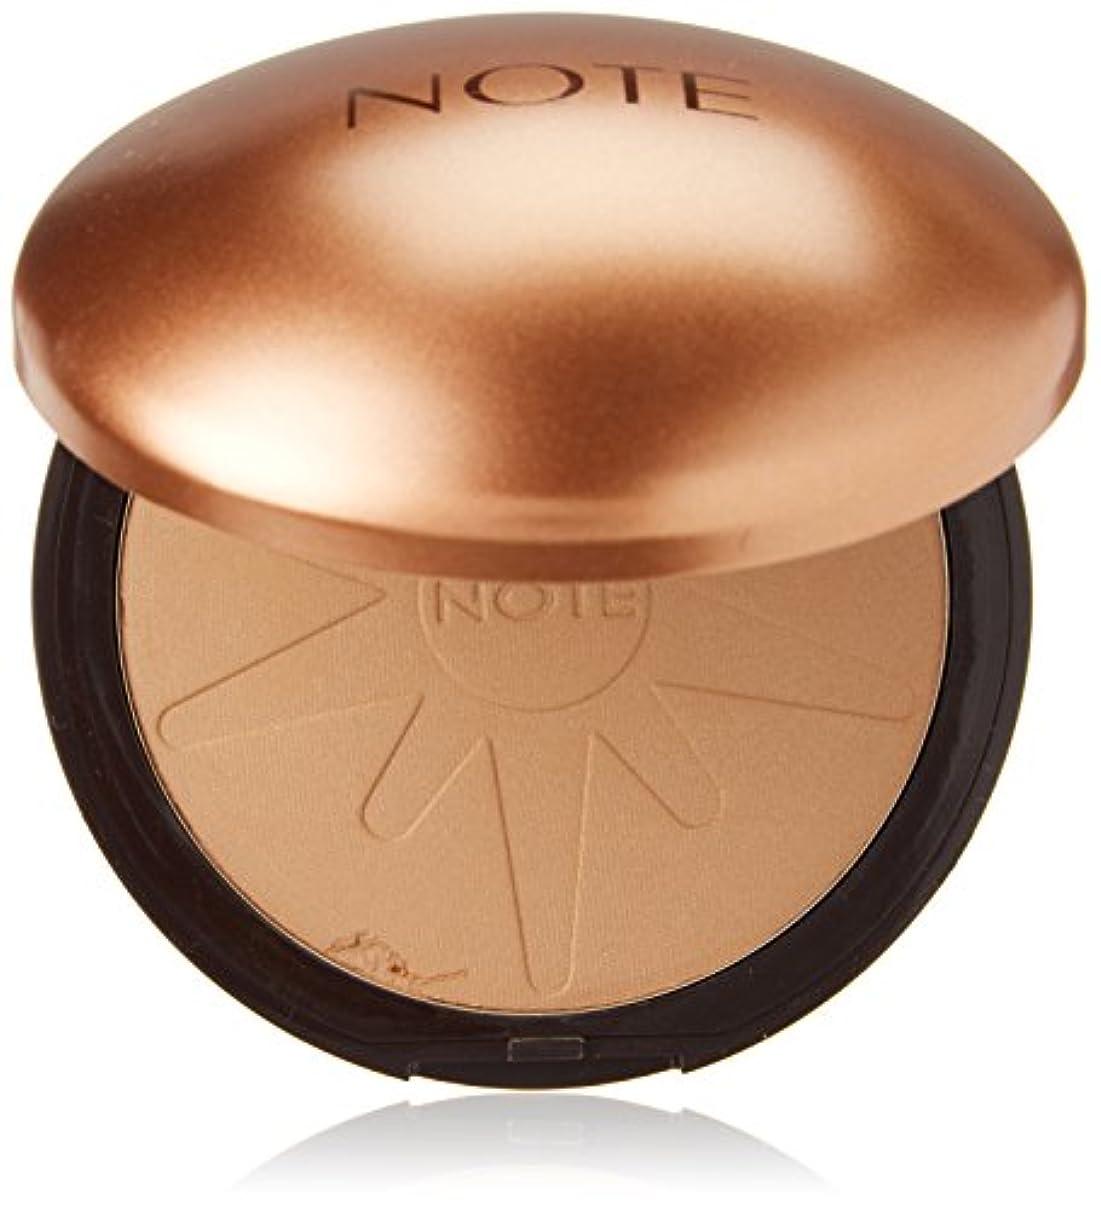 NOTE Cosmetics ブロンジングパウダー、1.1オンス 第20号